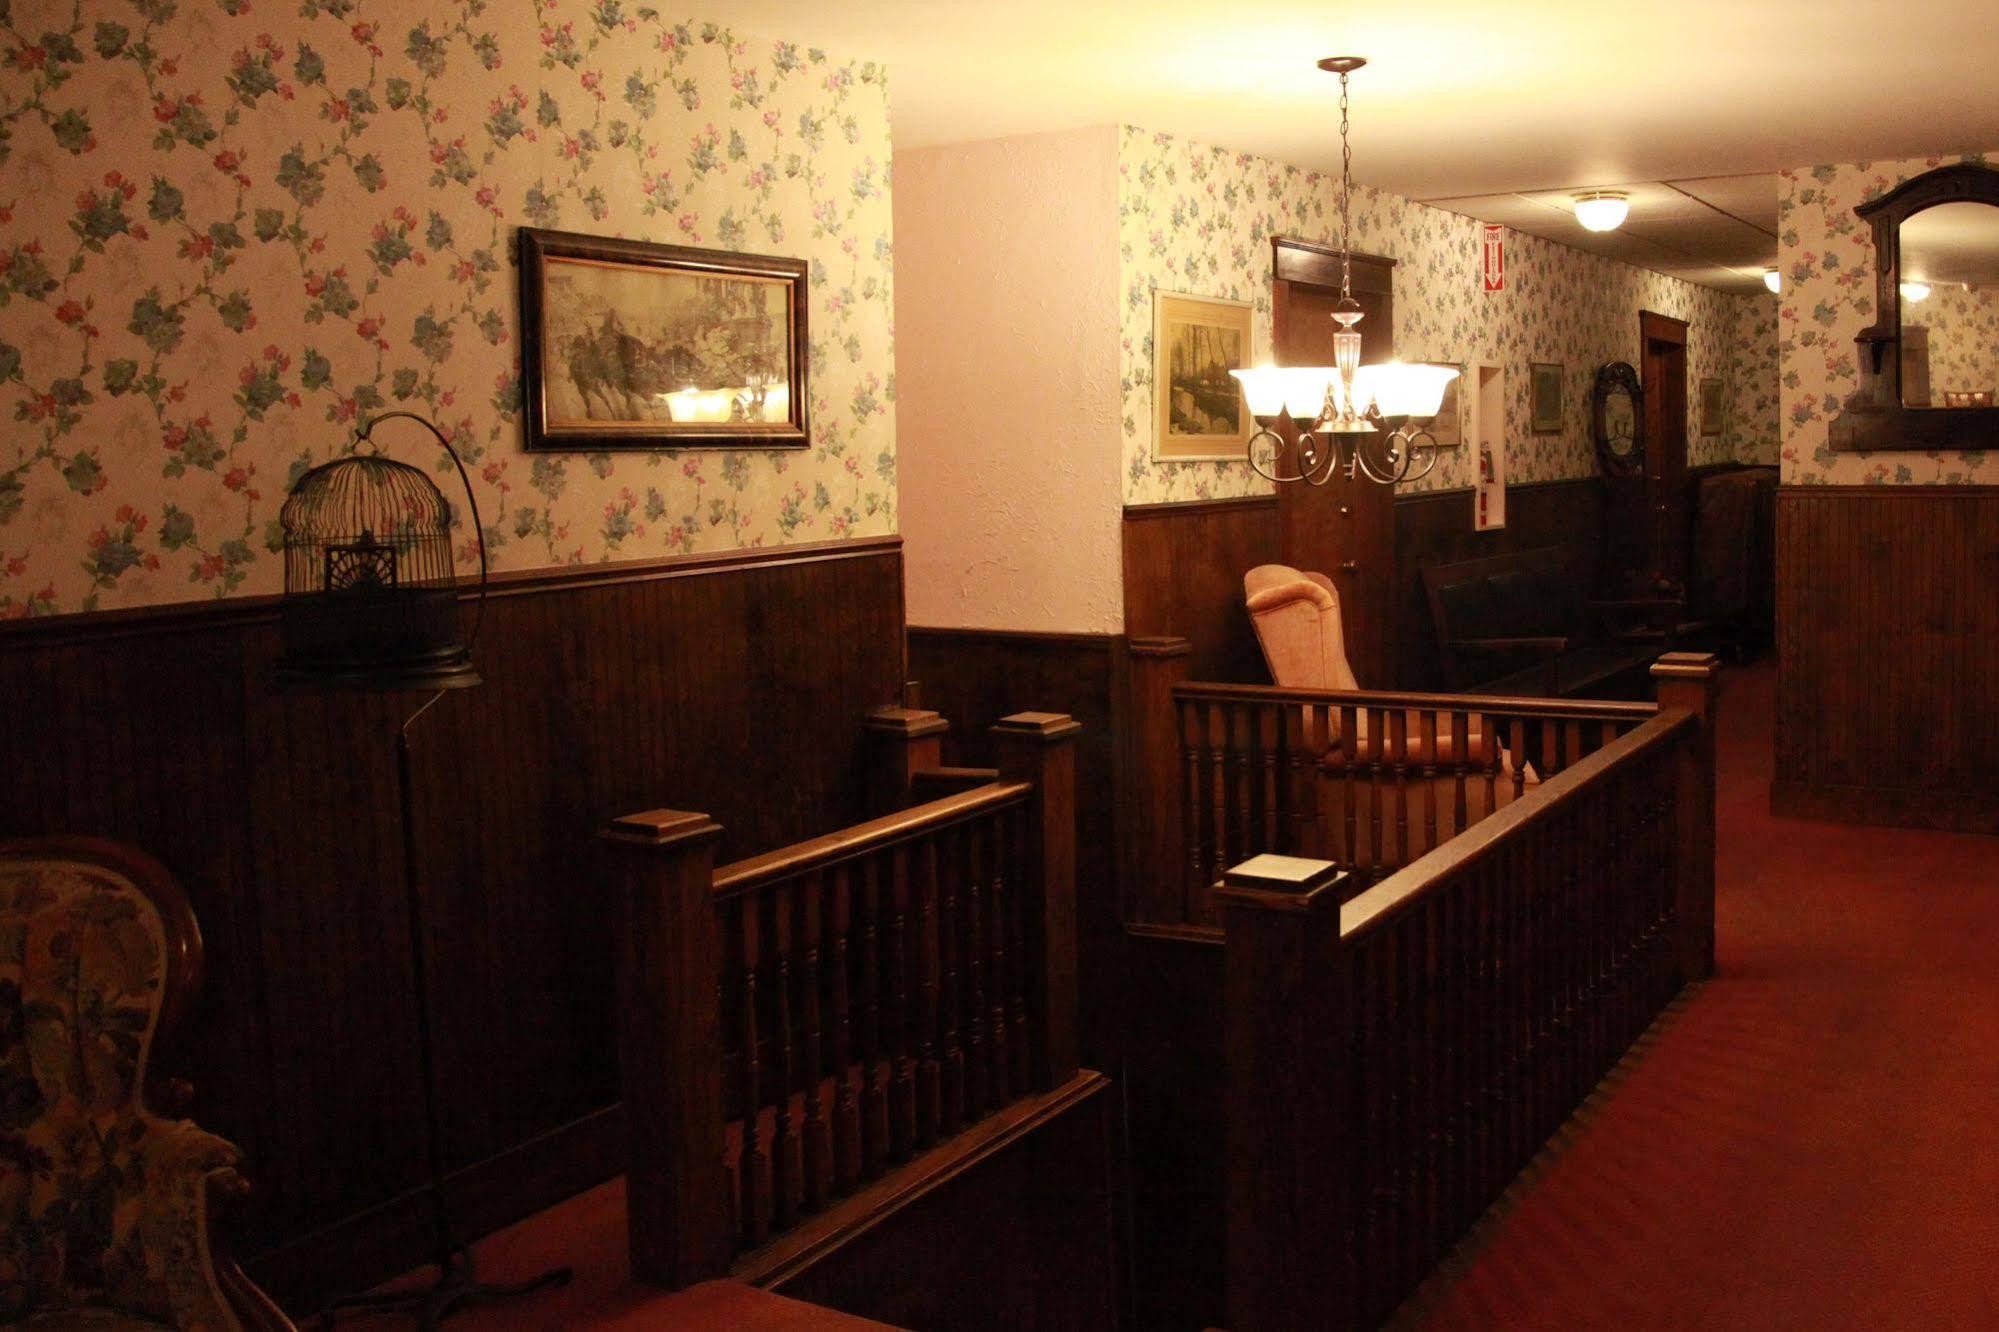 The Winter Inn